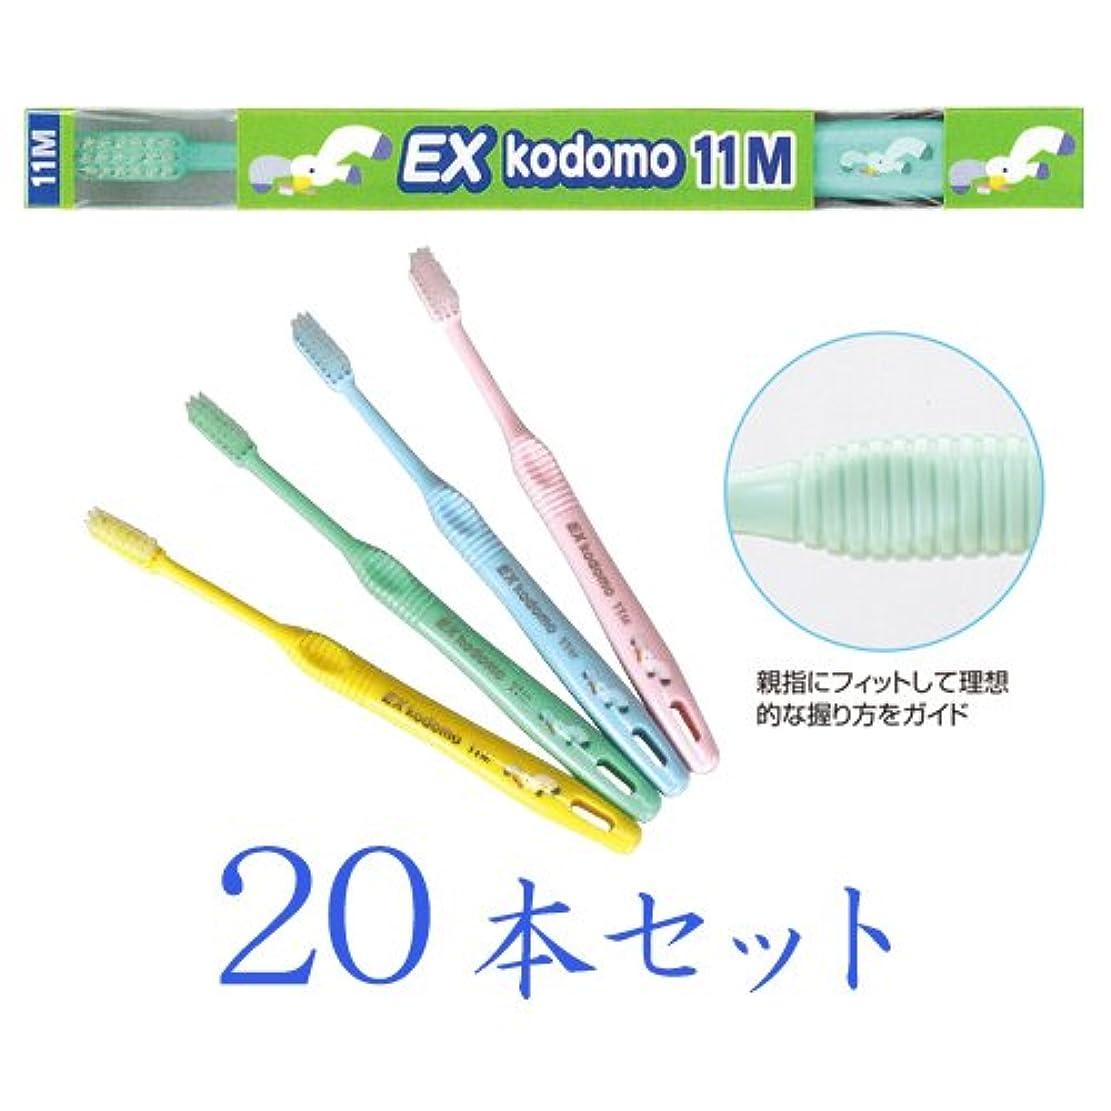 留まる風刺欠席ライオン DENT.EX コドモ歯ブラシ 20本入 11M(混合歯列後期用?8~12歳)(カモメ)